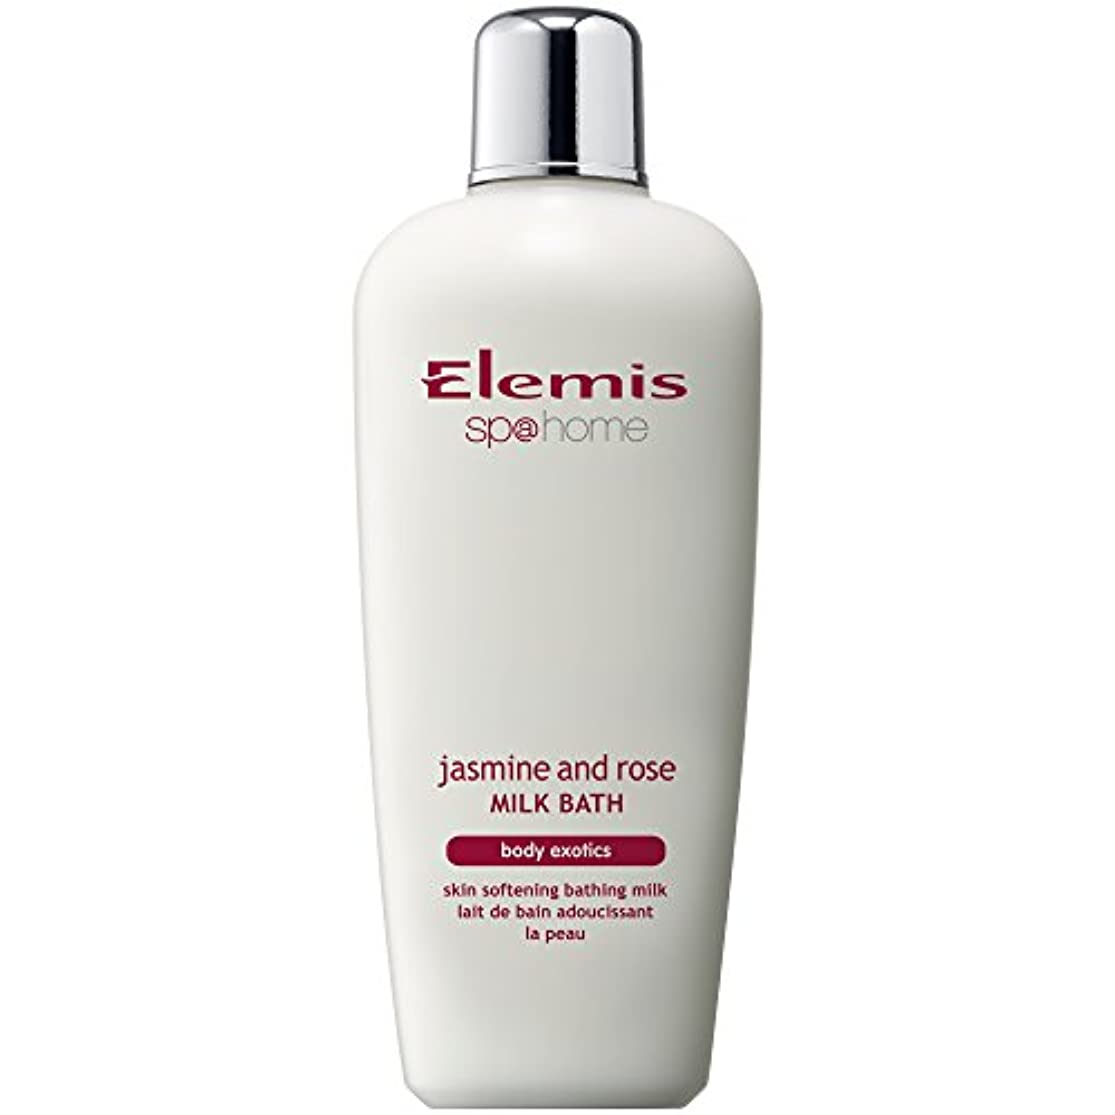 ヒューズ支配する余分なエレミスのジャスミン、ローズミルクバスの400ミリリットル (Elemis) - Elemis Jasmine And Rose Milk Bath 400ml [並行輸入品]